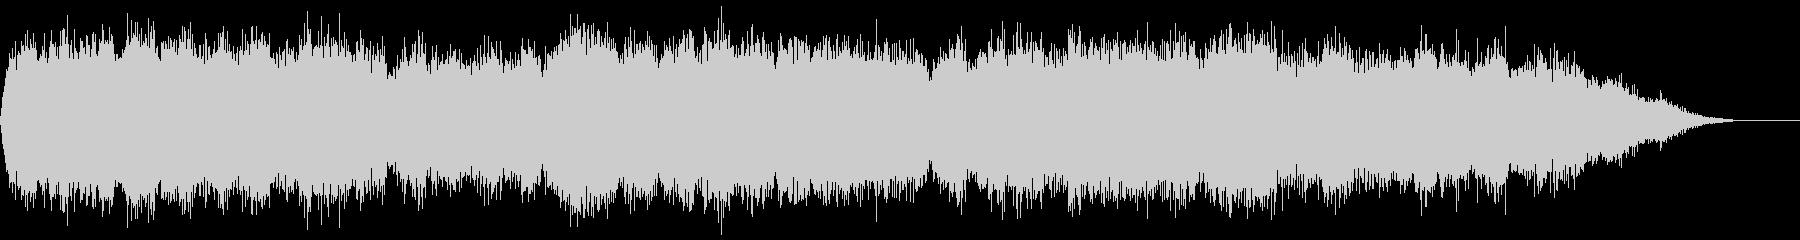 背景音 ホラー 14の未再生の波形